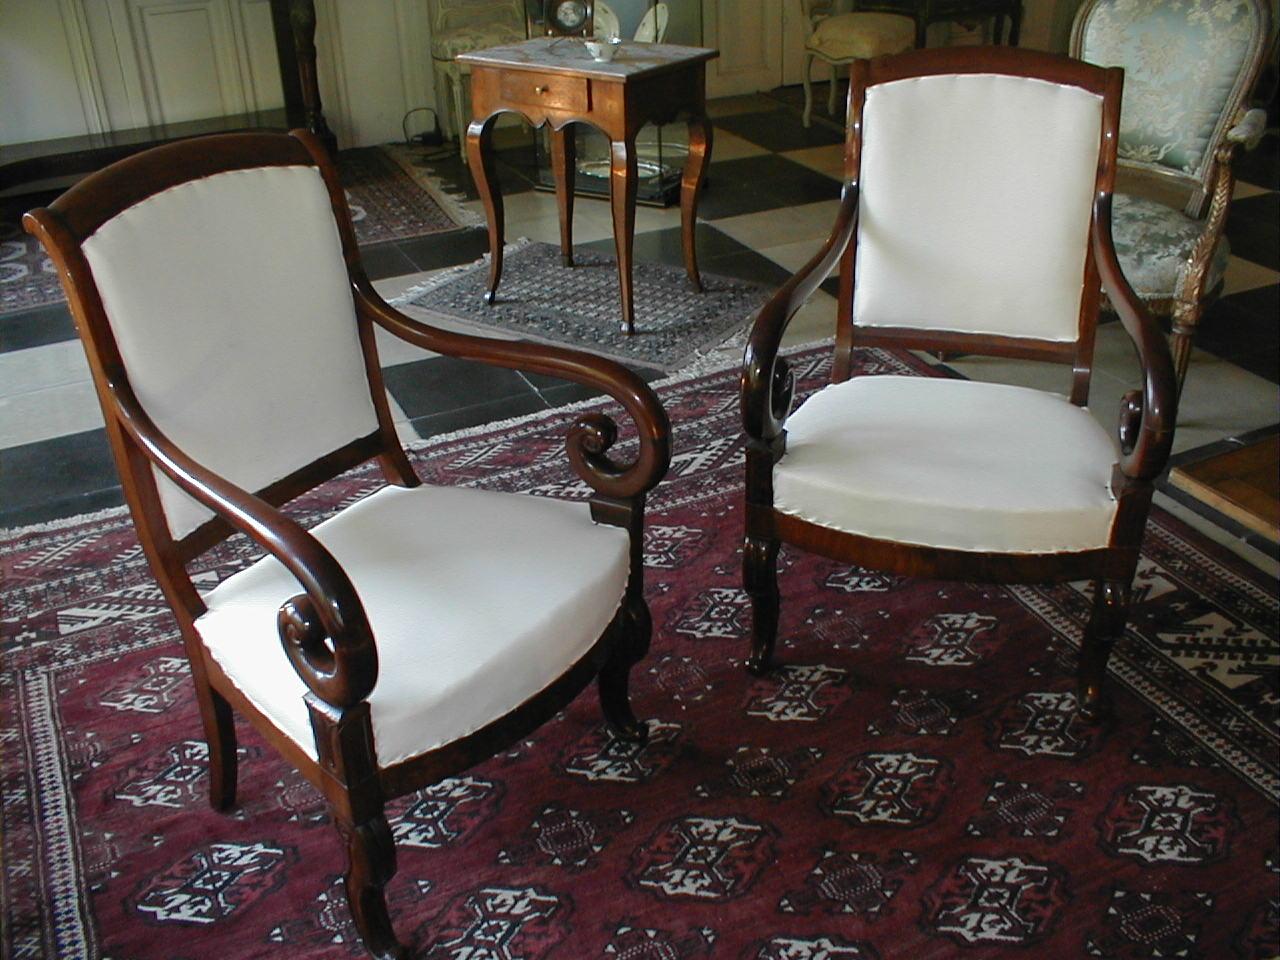 M008a paire de fauteuils restauration vendue antiquit s - Cours de restauration de fauteuil ...